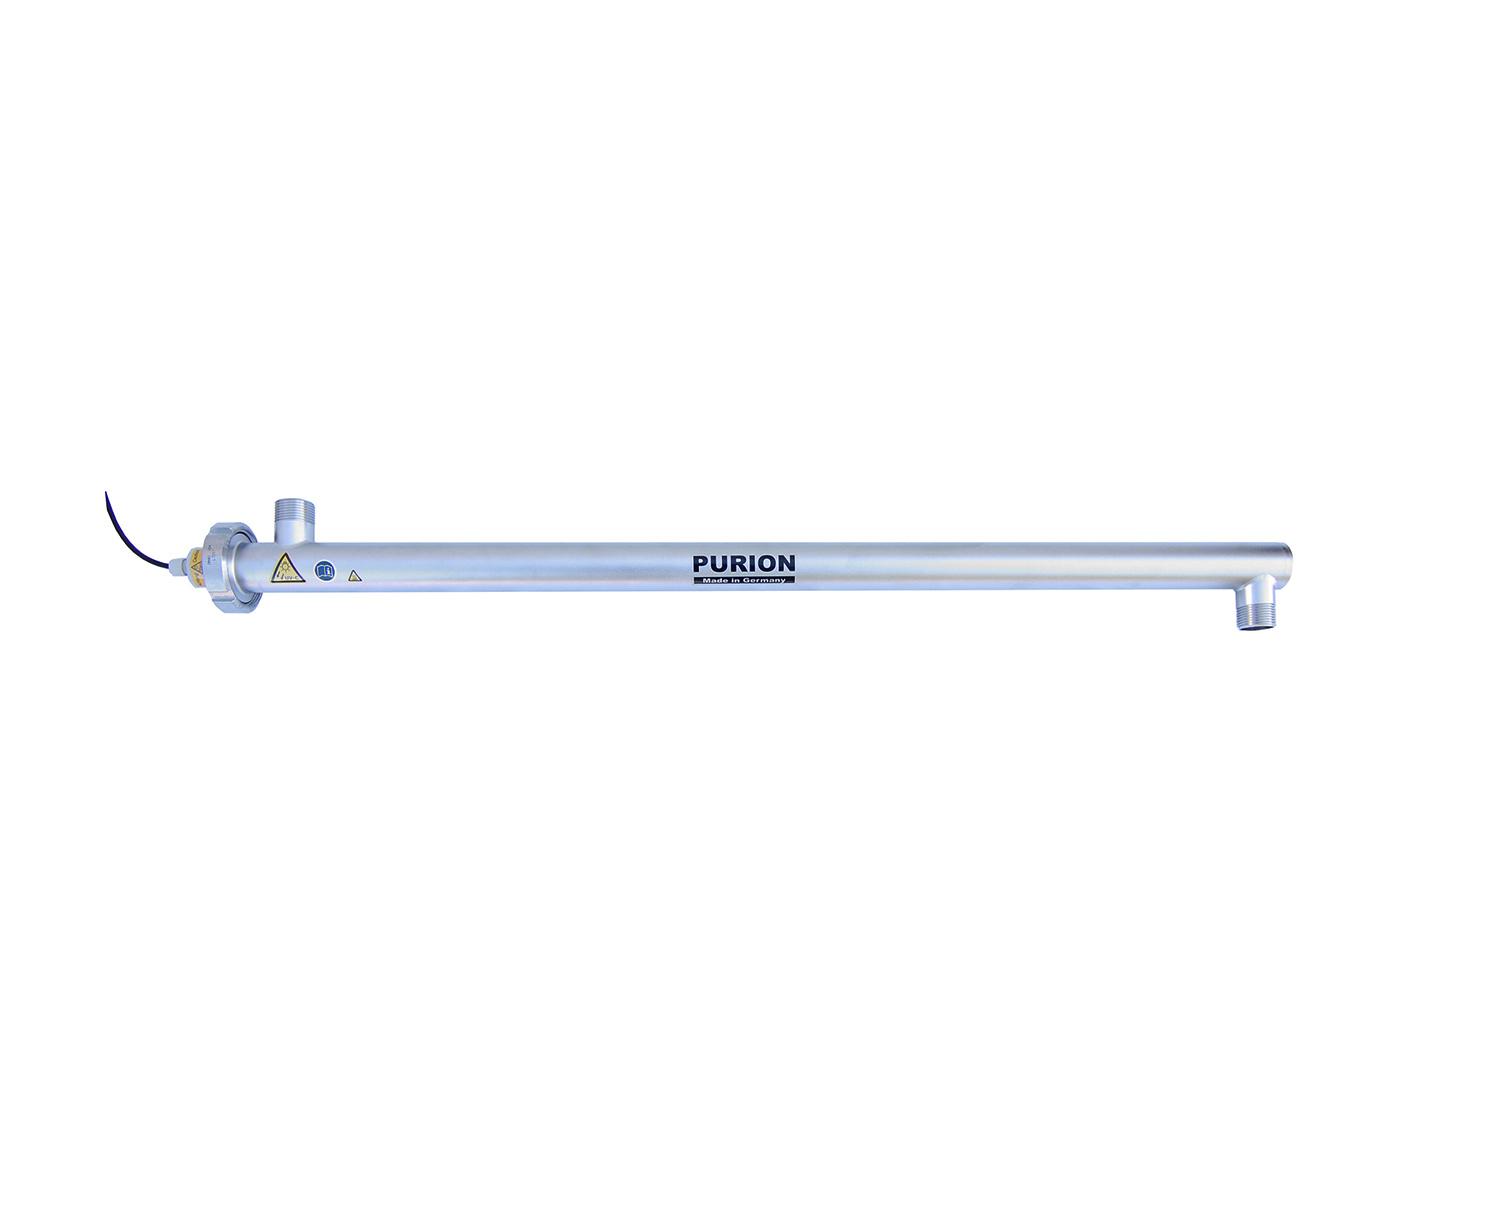 Purion UV-Gerät zur Warm- und Heißwasserentkeimung